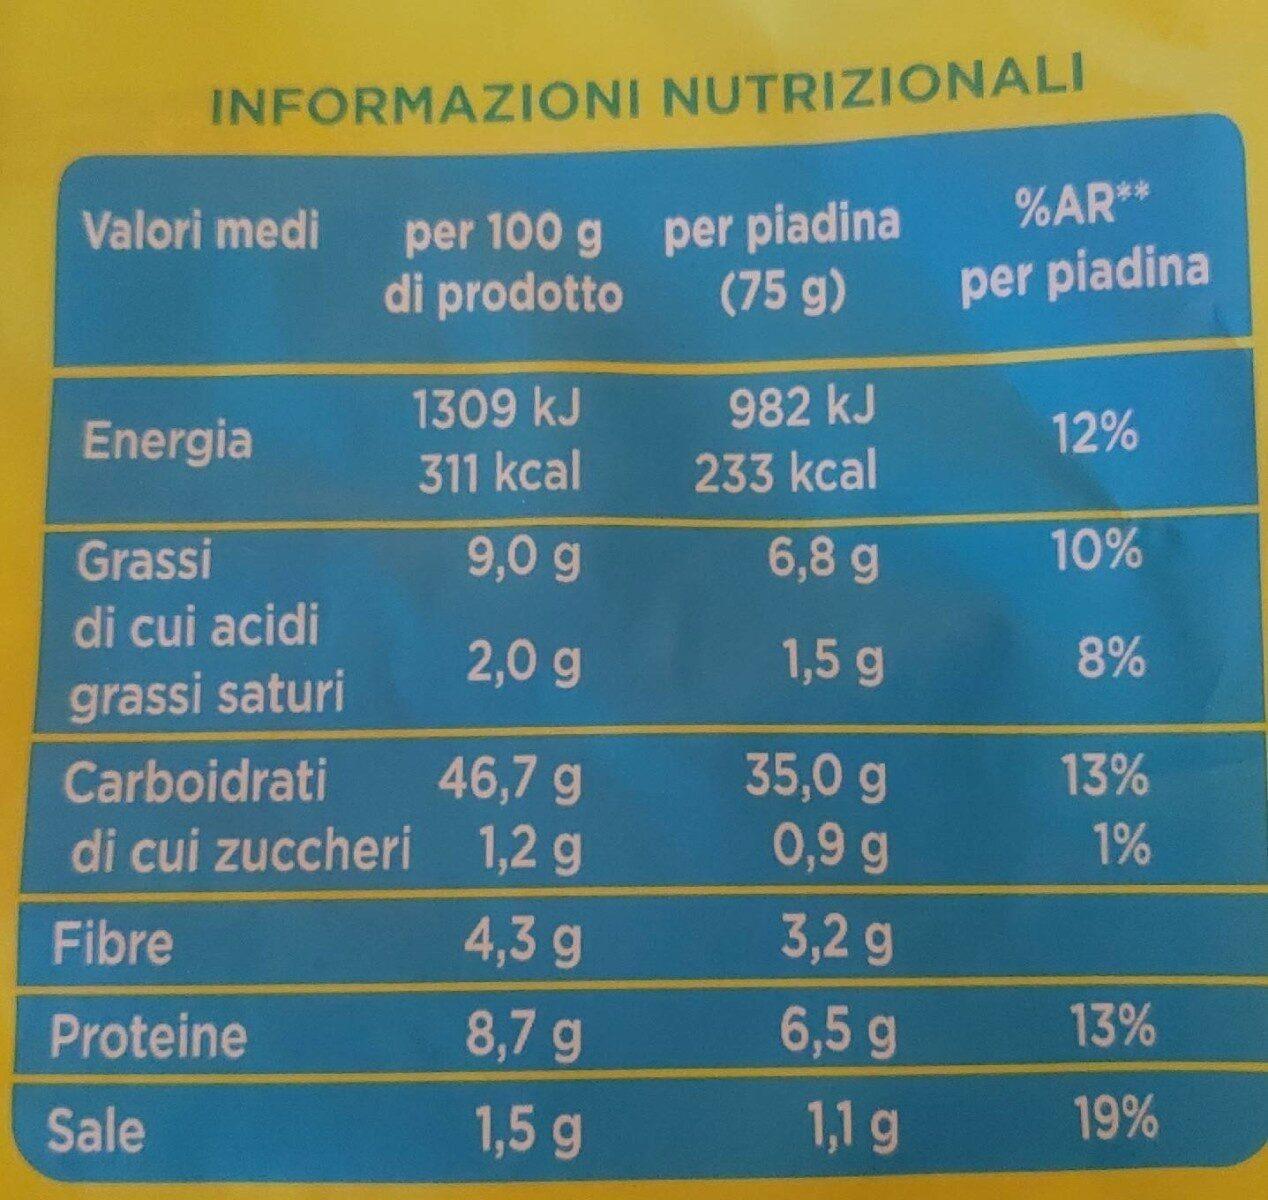 Piadina con farro - Valori nutrizionali - it